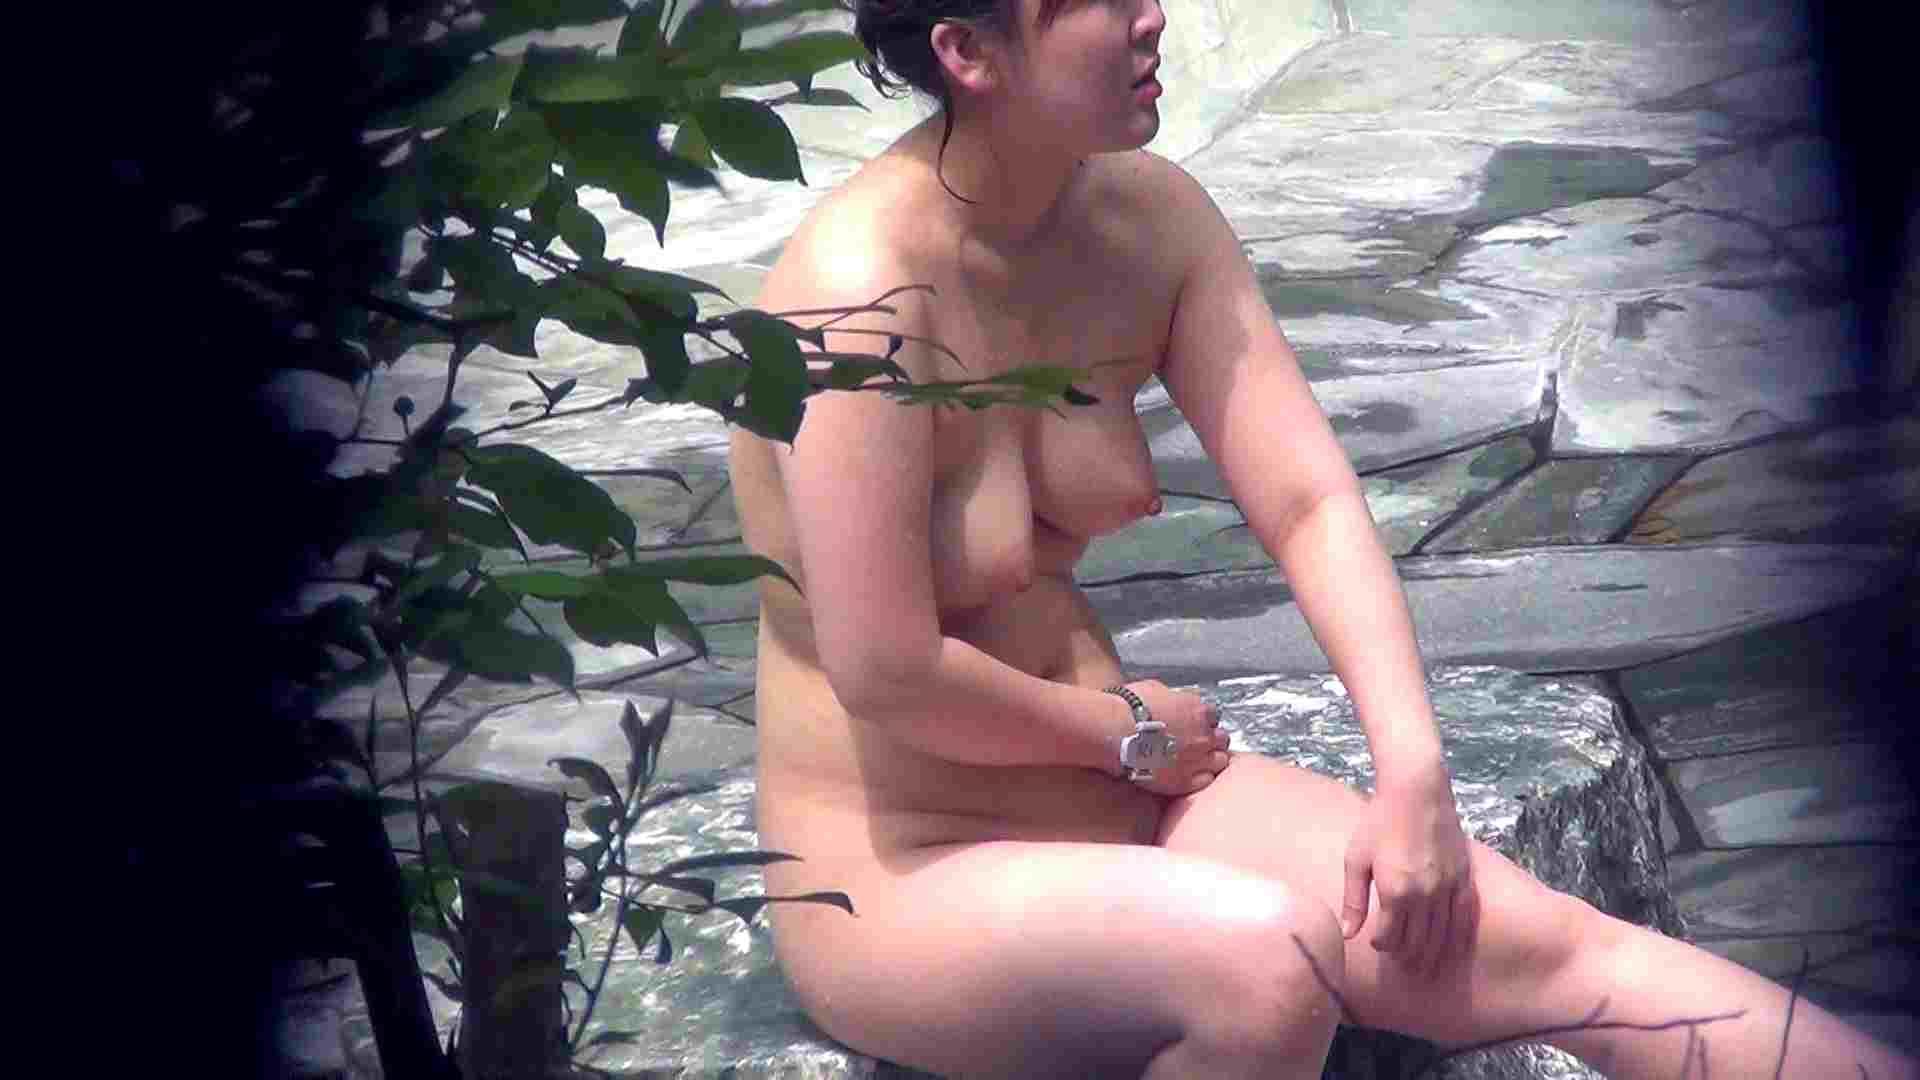 Aquaな露天風呂Vol.275 盗撮   OLのエロ生活  40連発 19